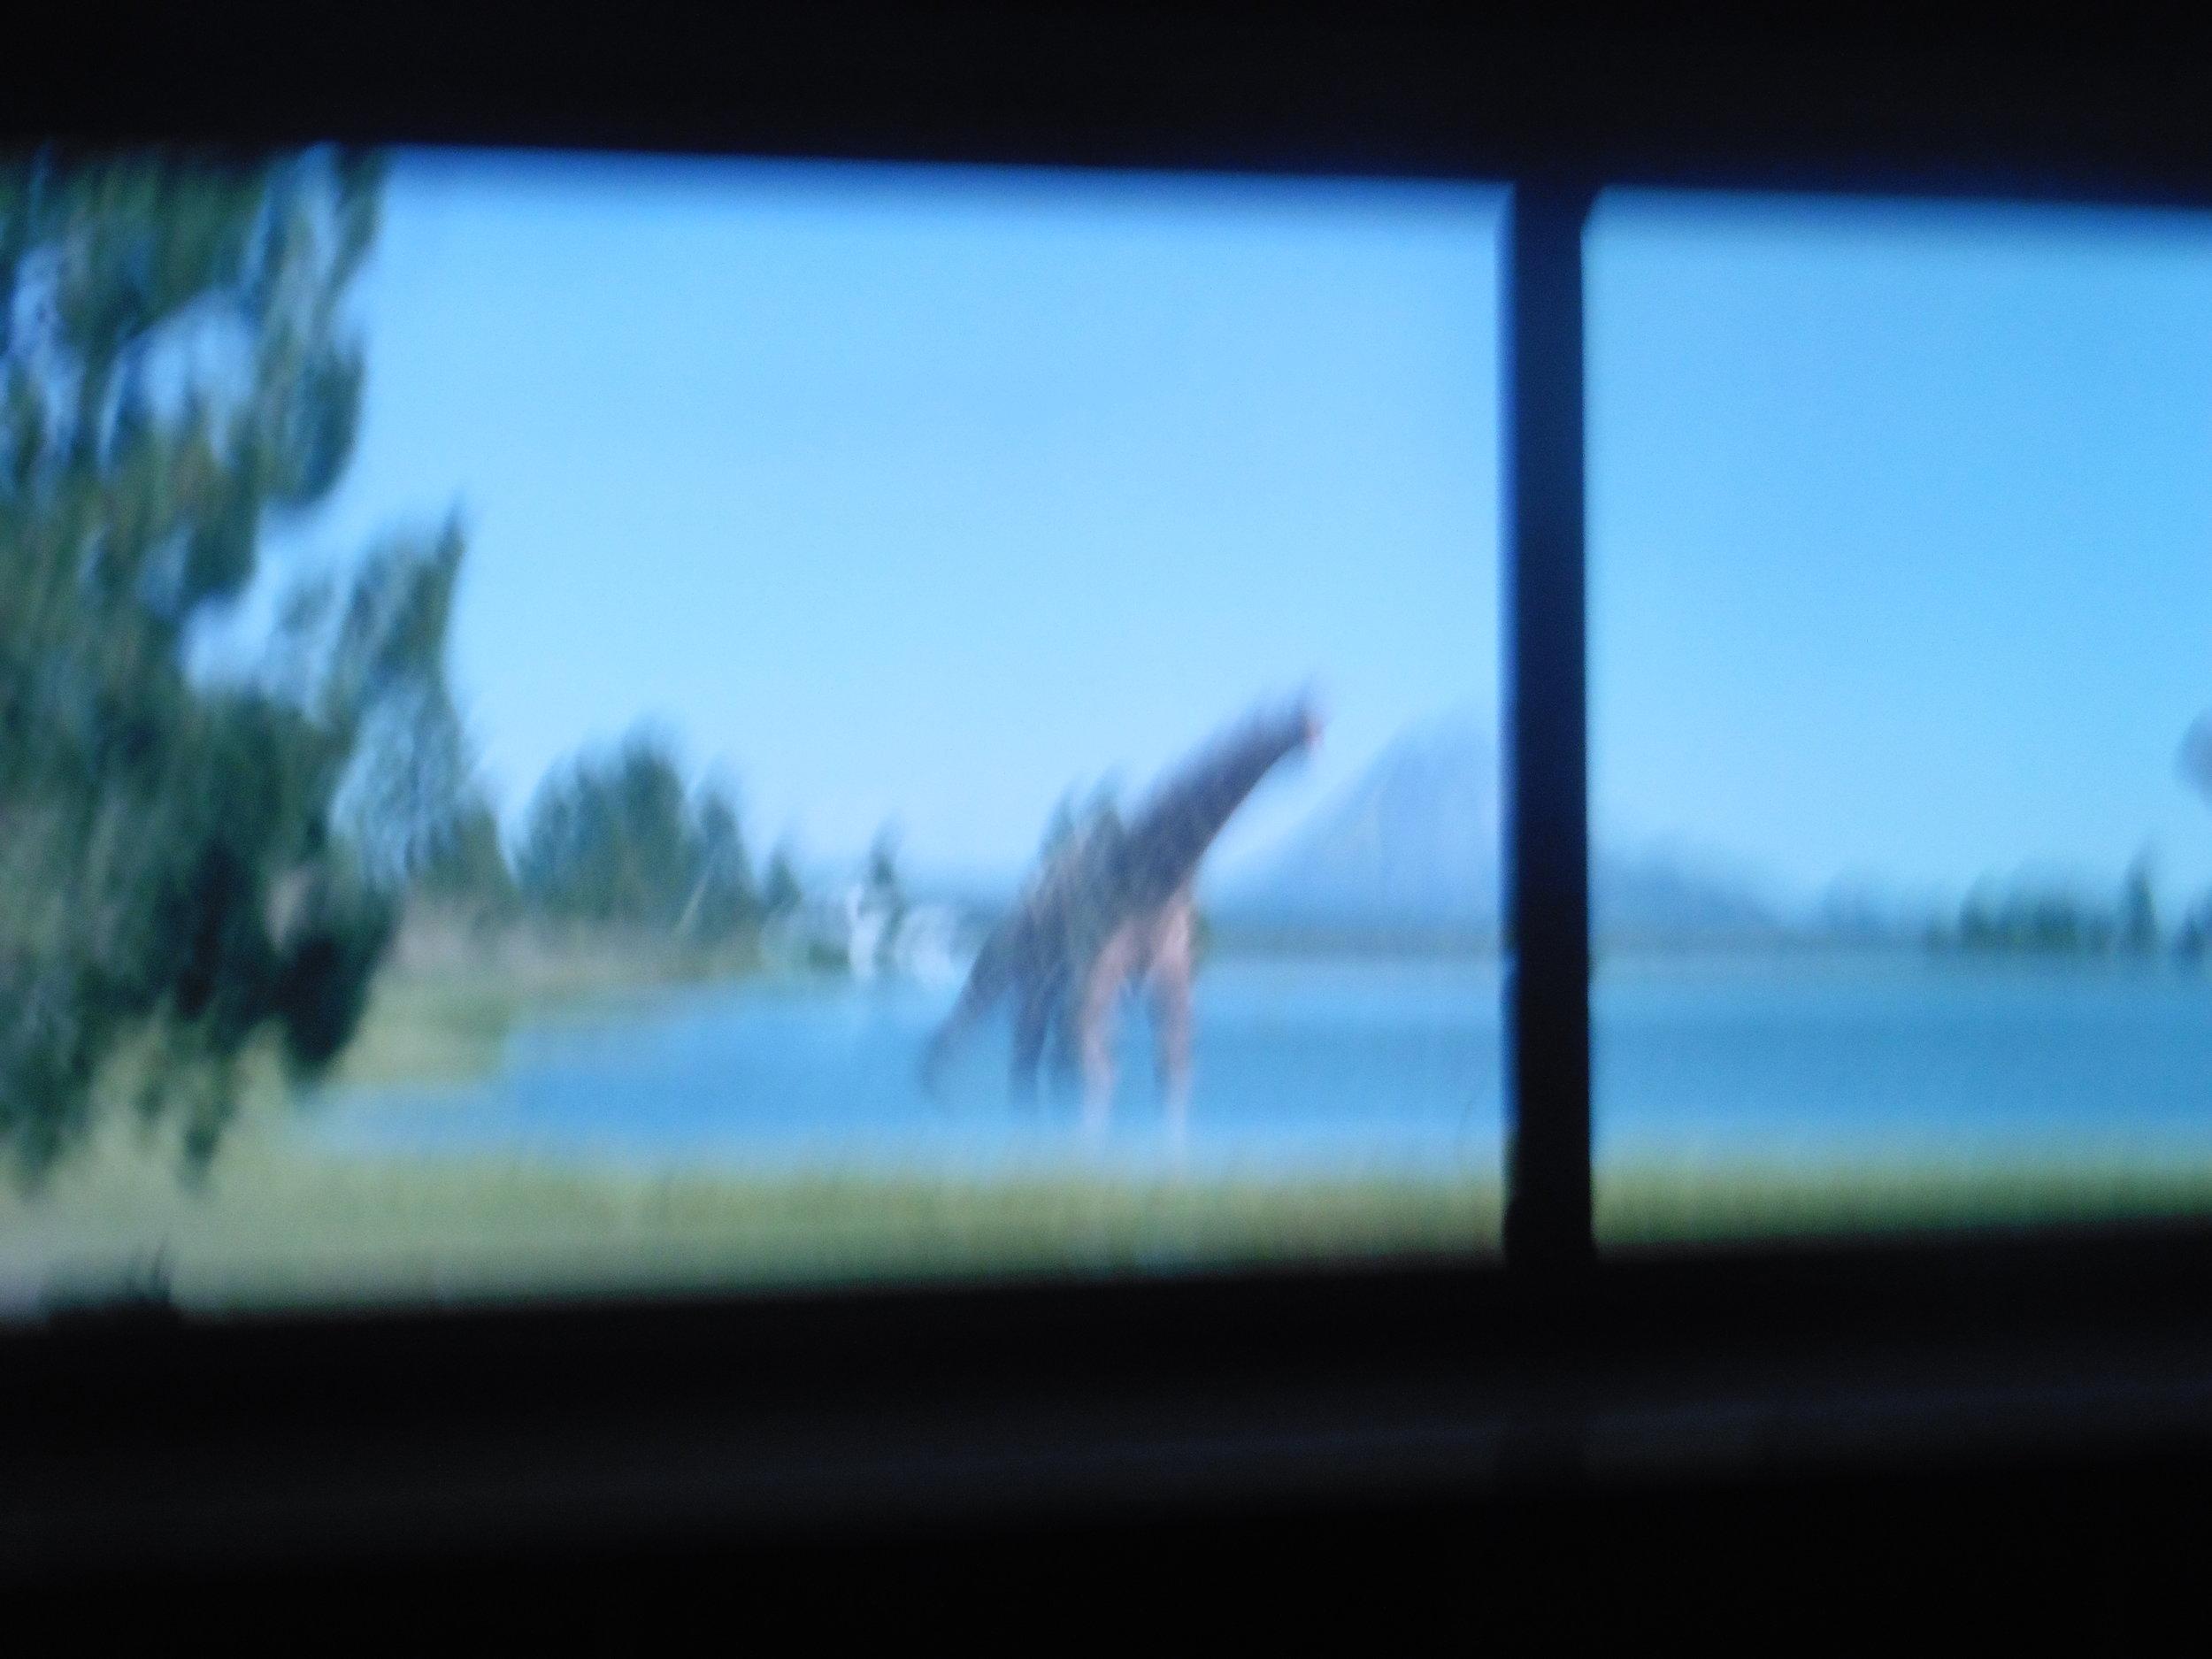 2018-06-01 12.00.02dinosaurs.jpg